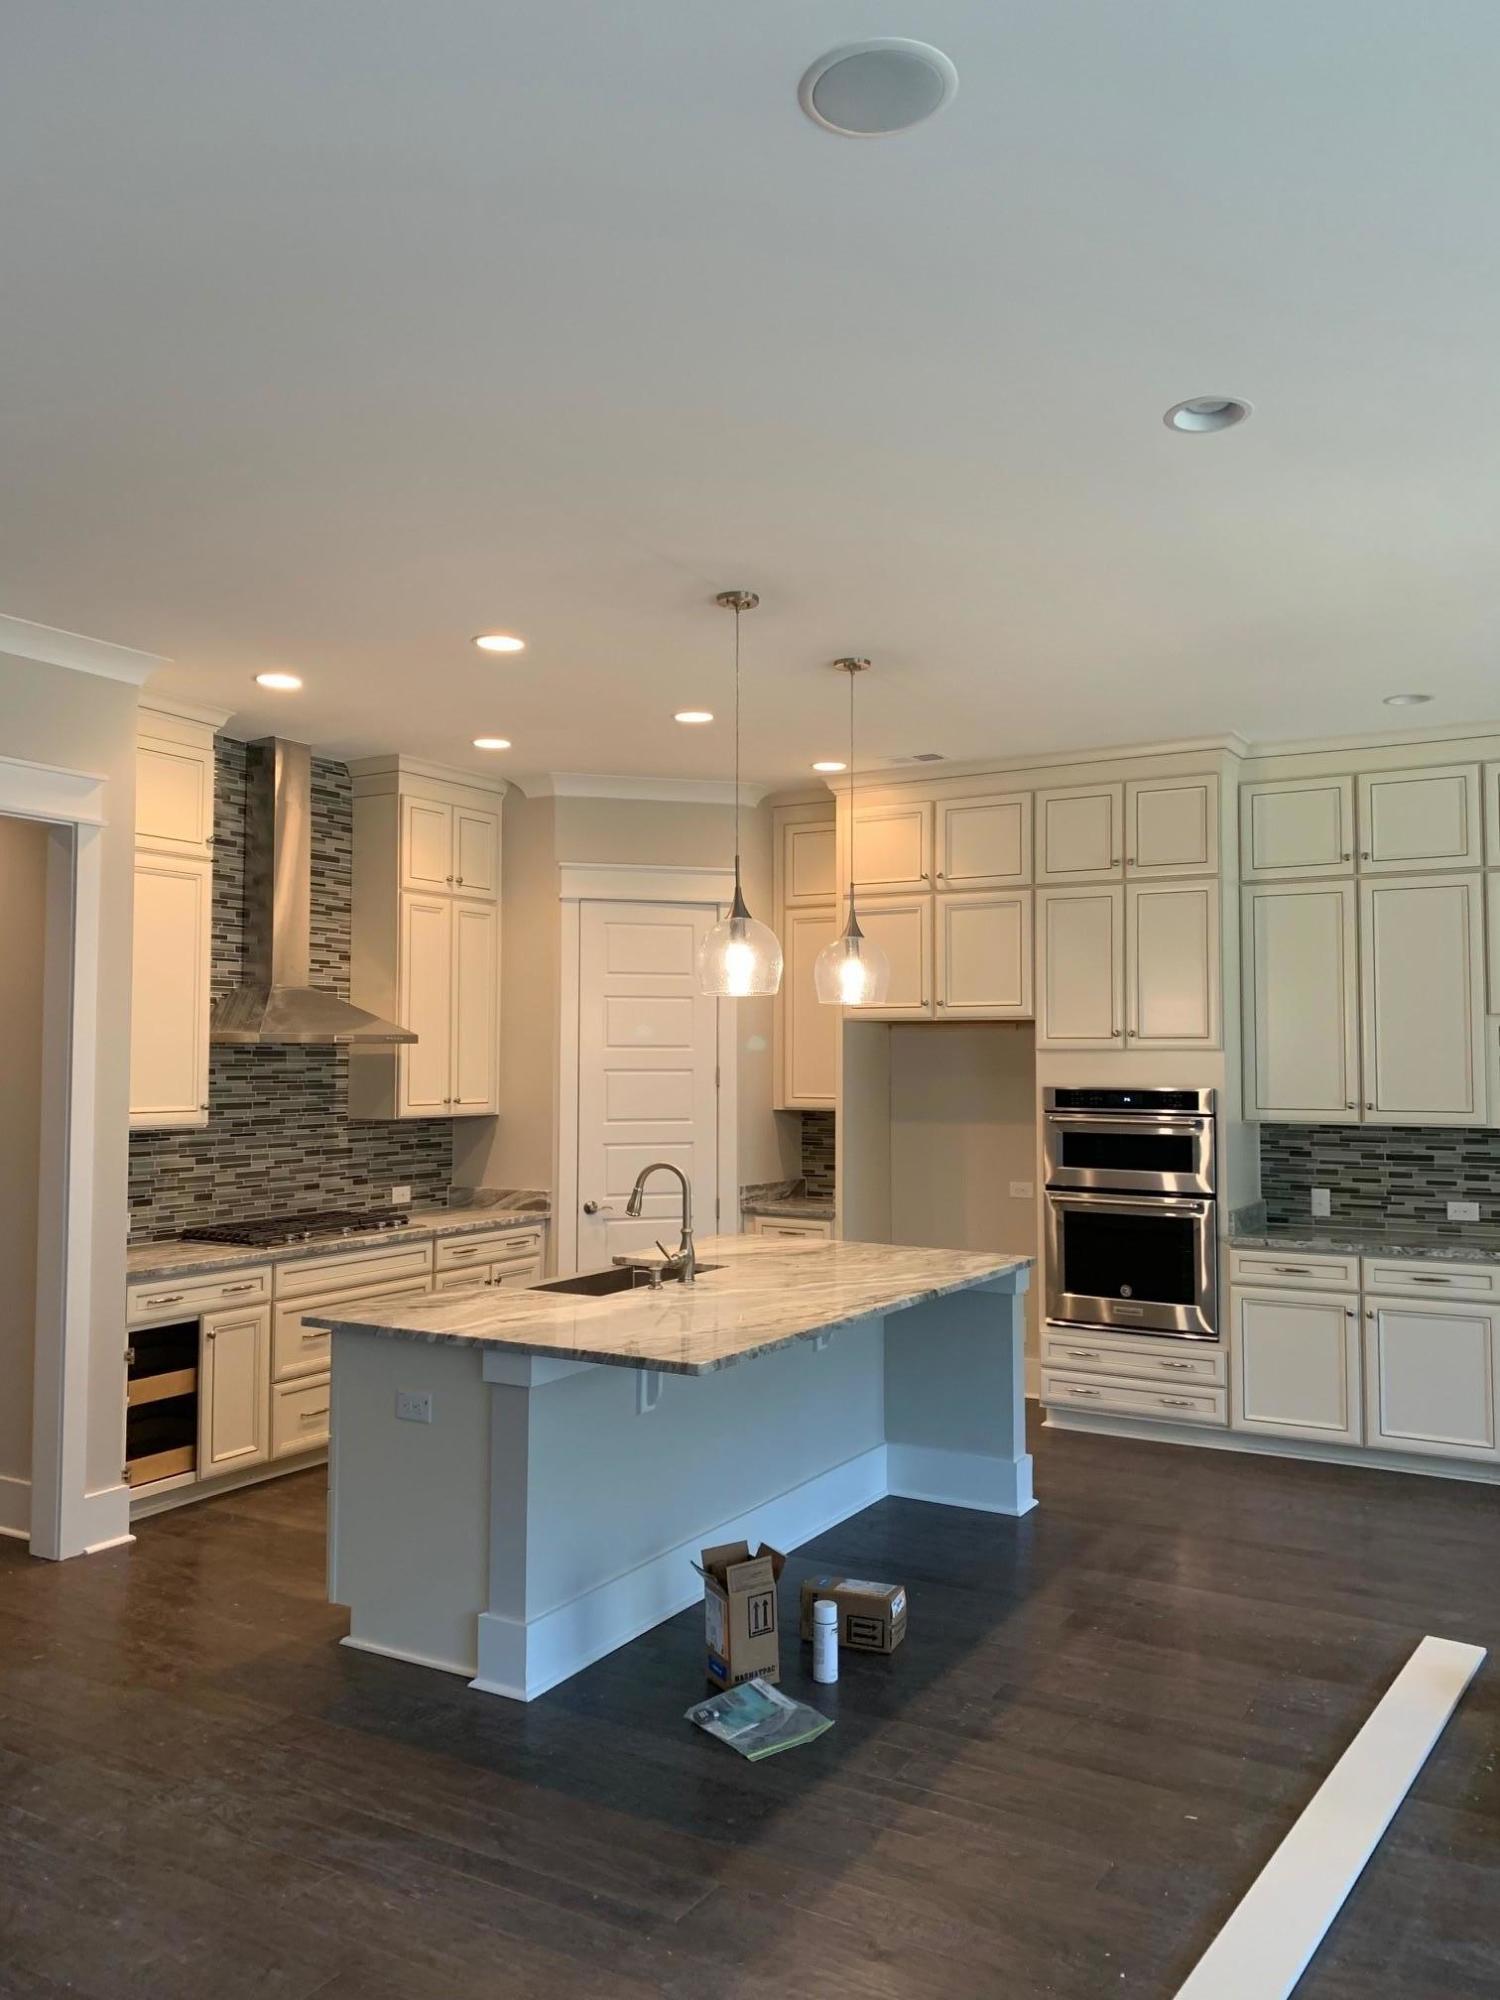 Dunes West Homes For Sale - 2661 Dutchman, Mount Pleasant, SC - 4